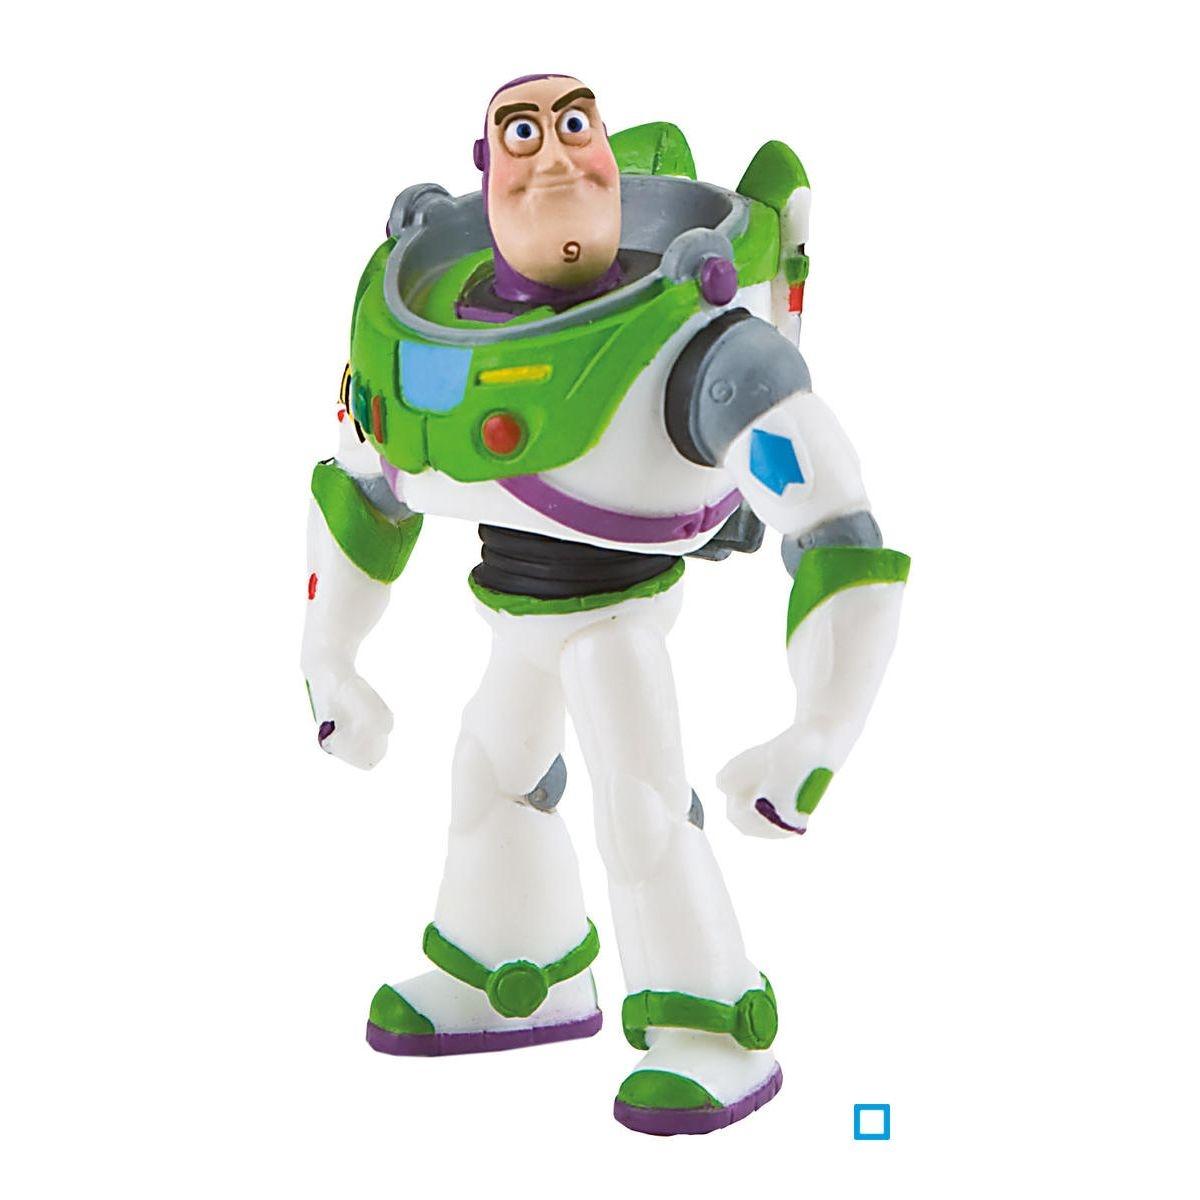 Figurine Buzz L'Eclair - Toy Story Disney - 9 cm - JURB12760